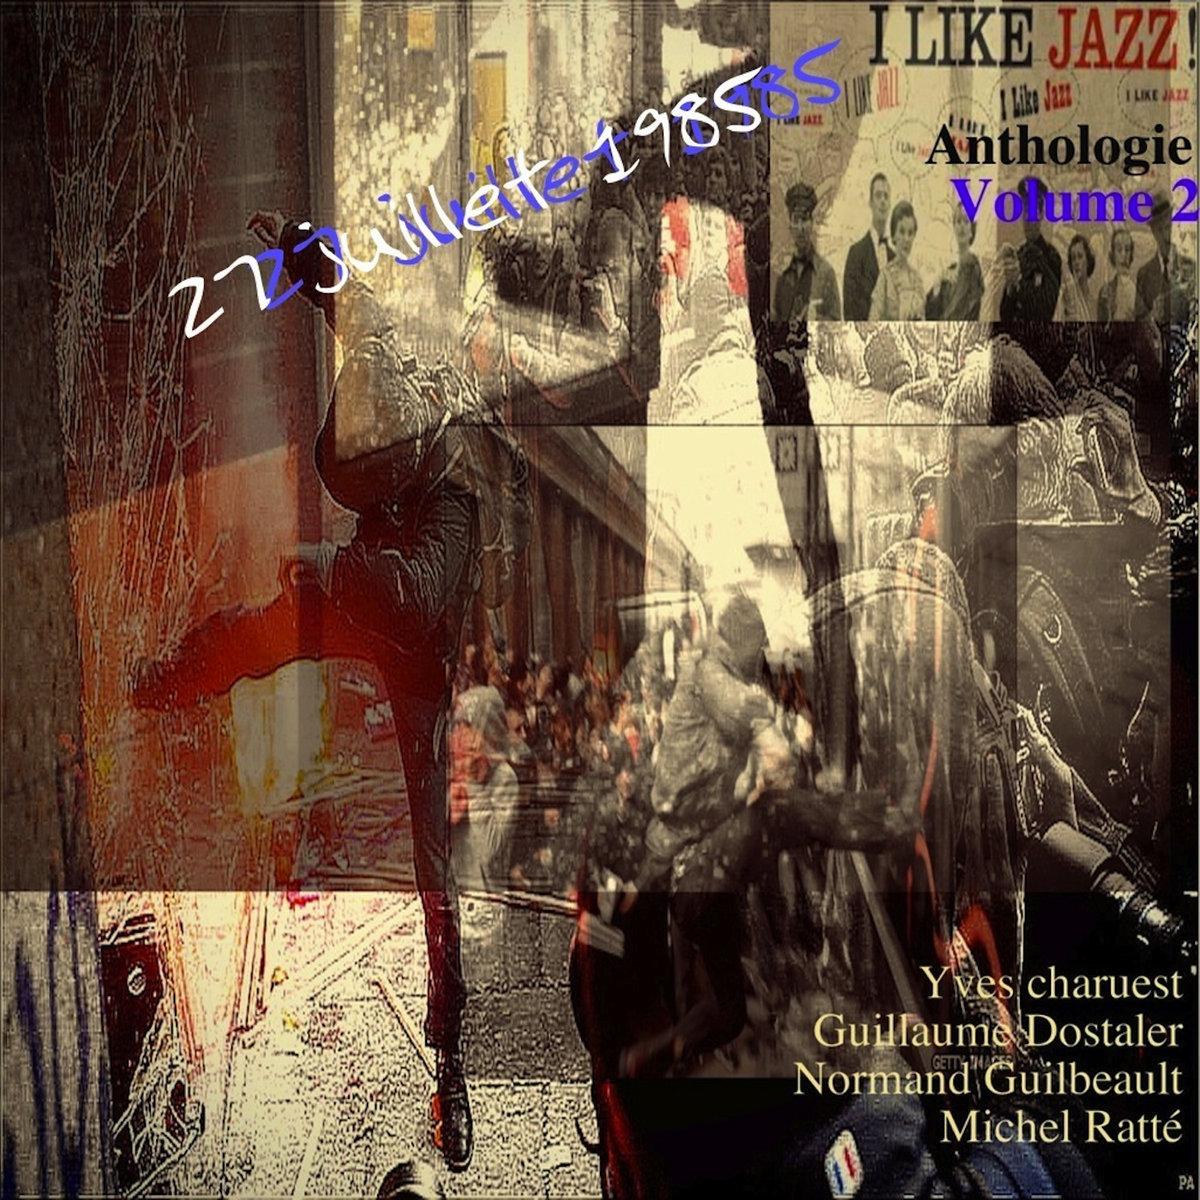 Jazz en ligne datant se déplaçant sur la vie après la datation d'un narcissique